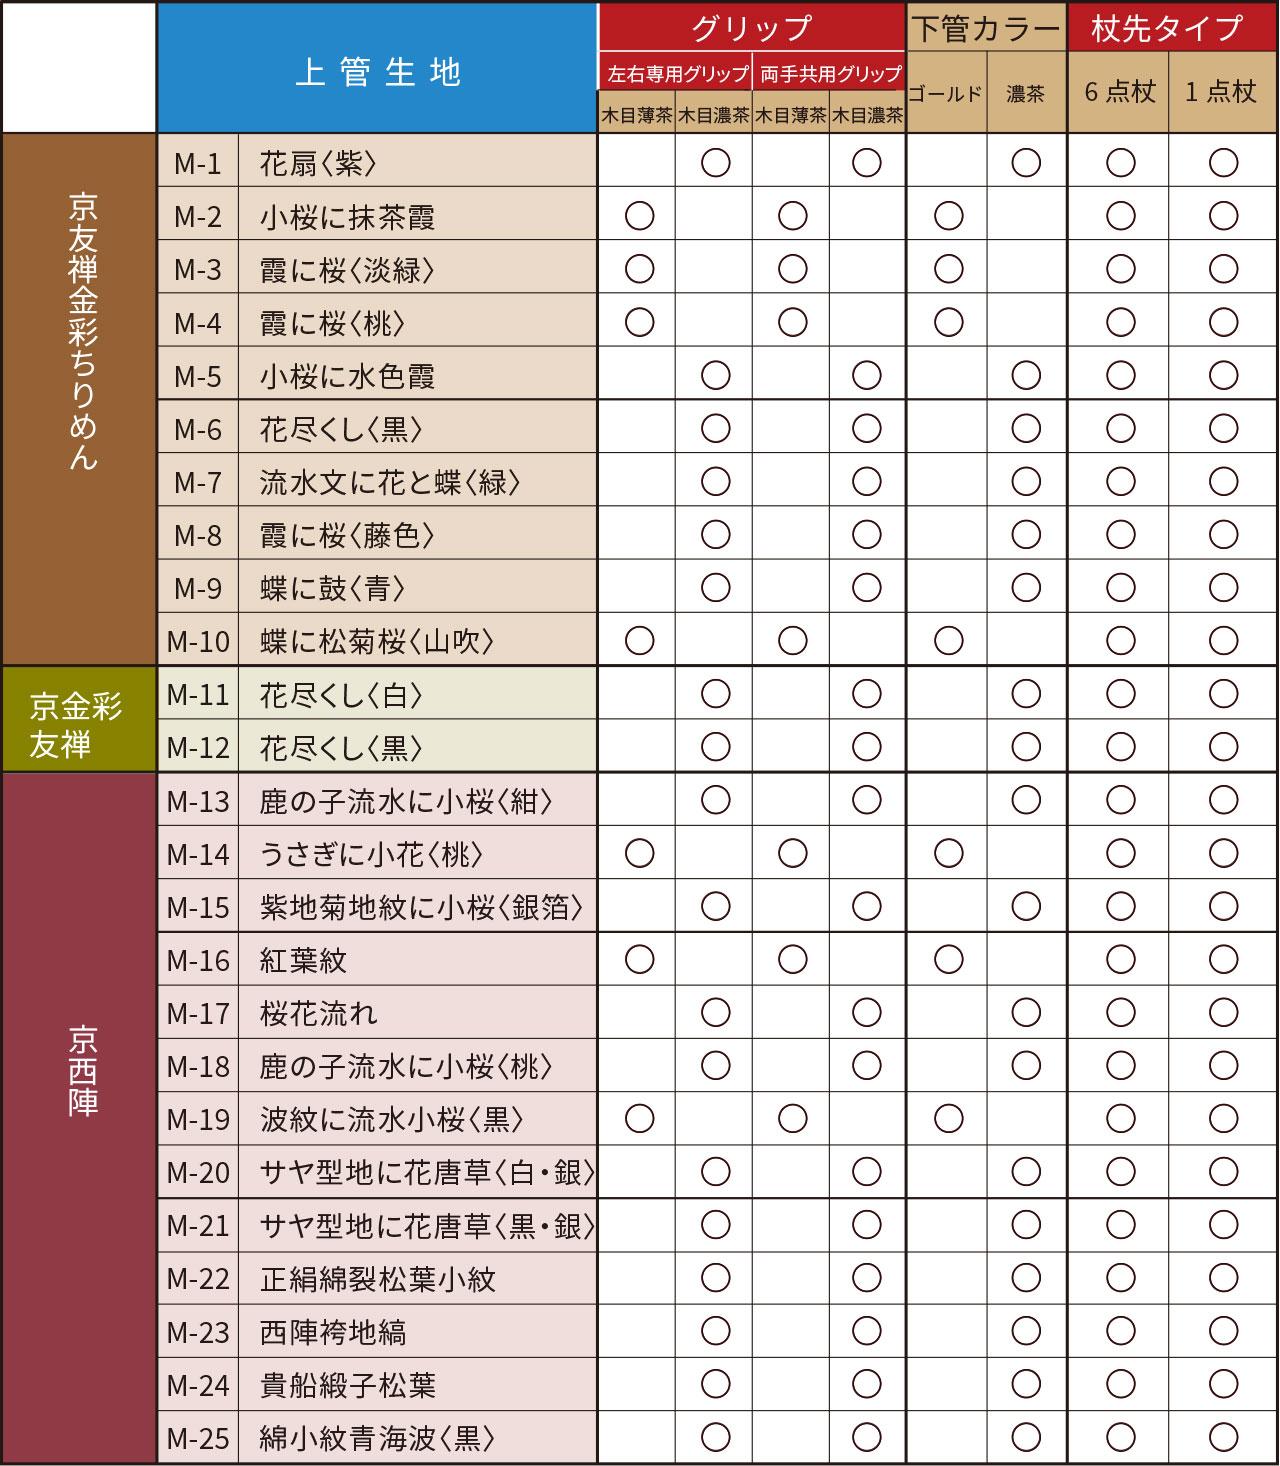 インターナショナル株式会社 対応表